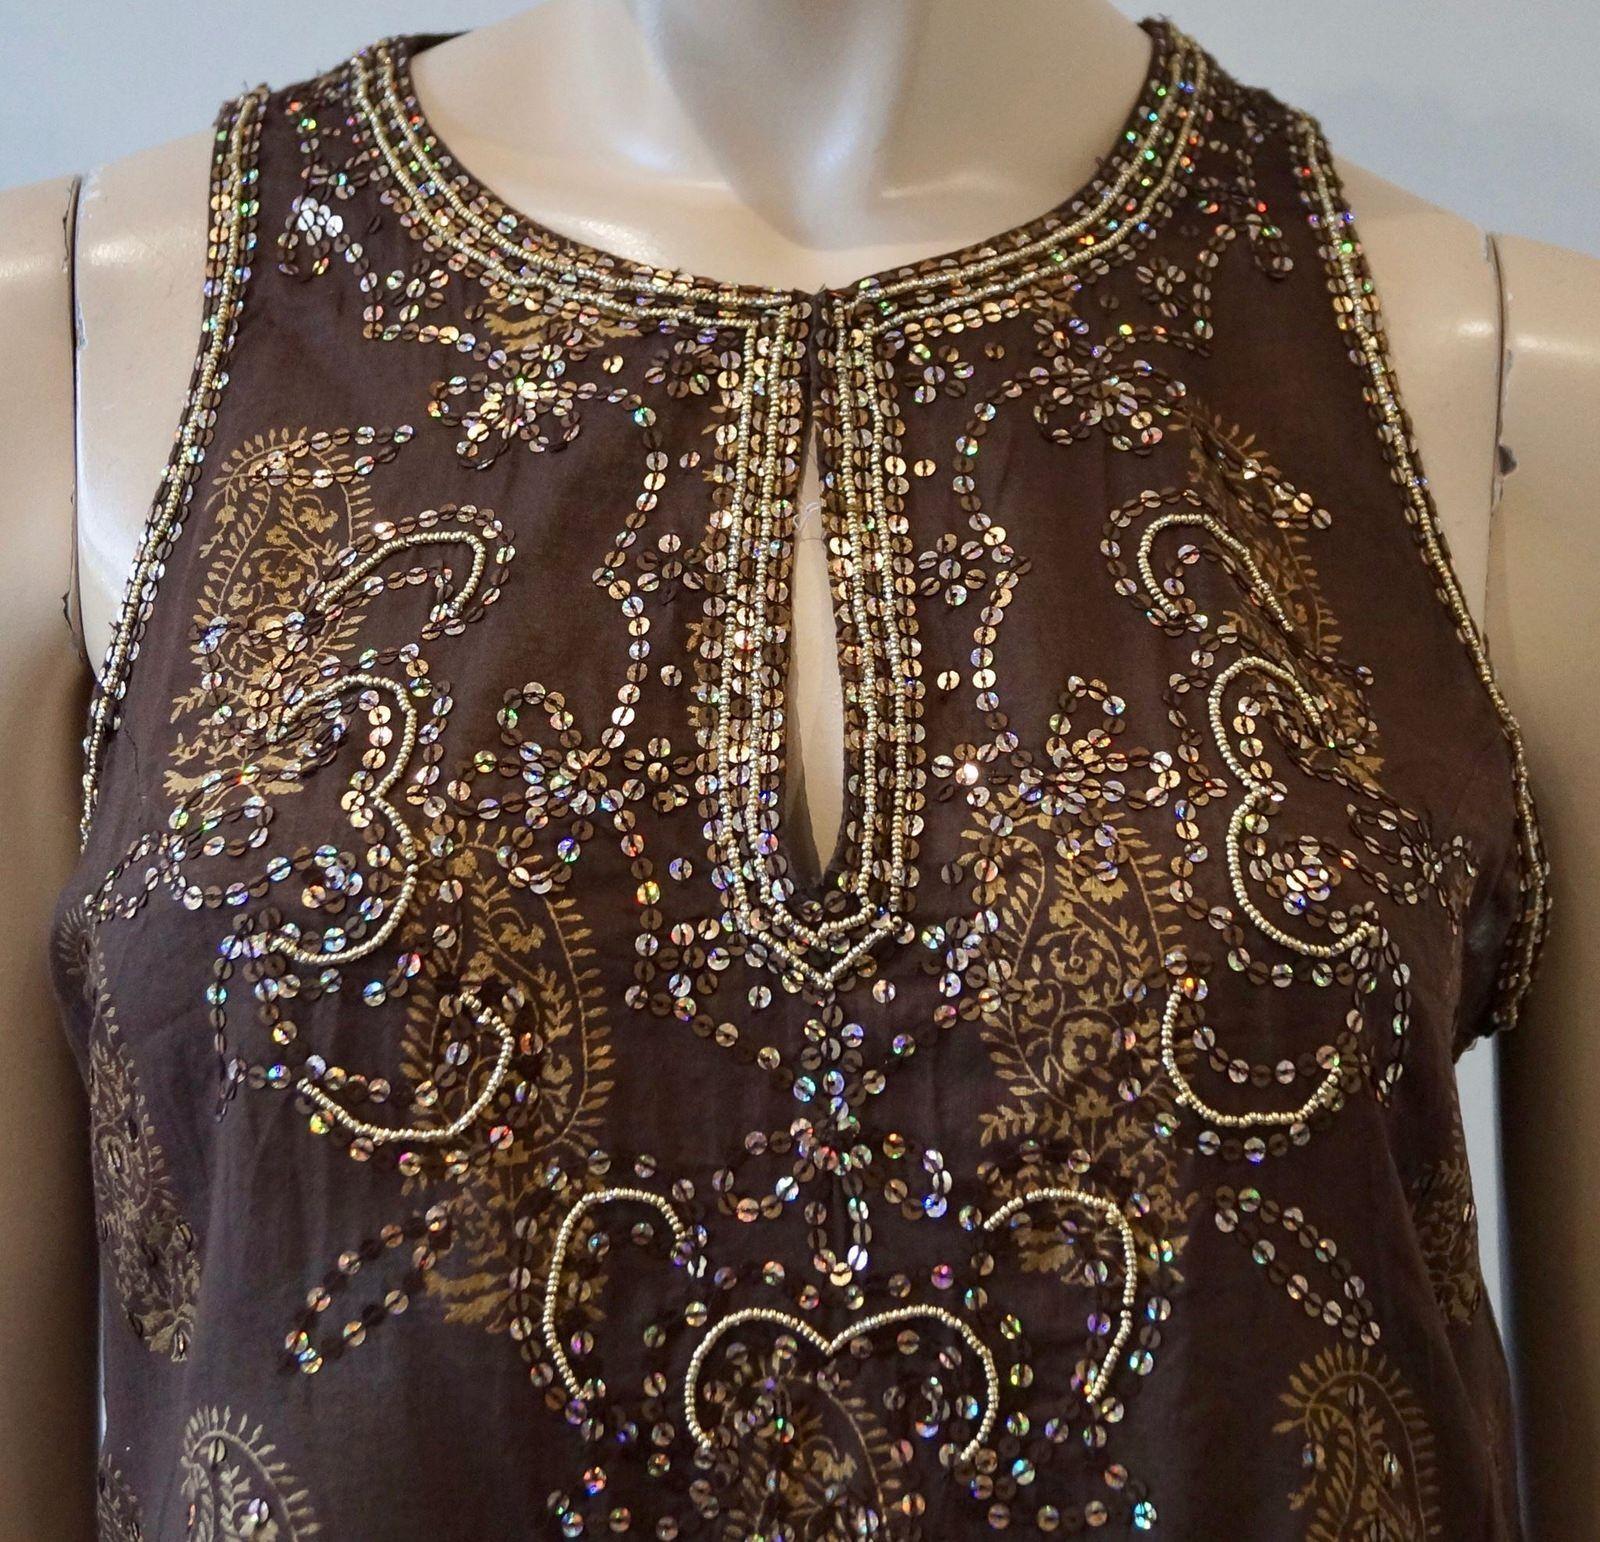 JULIET DUNN Brown & Bronze Cotton Sequin Sequin Sequin Embellished Beach Cover Up Dress 3 bb0da5